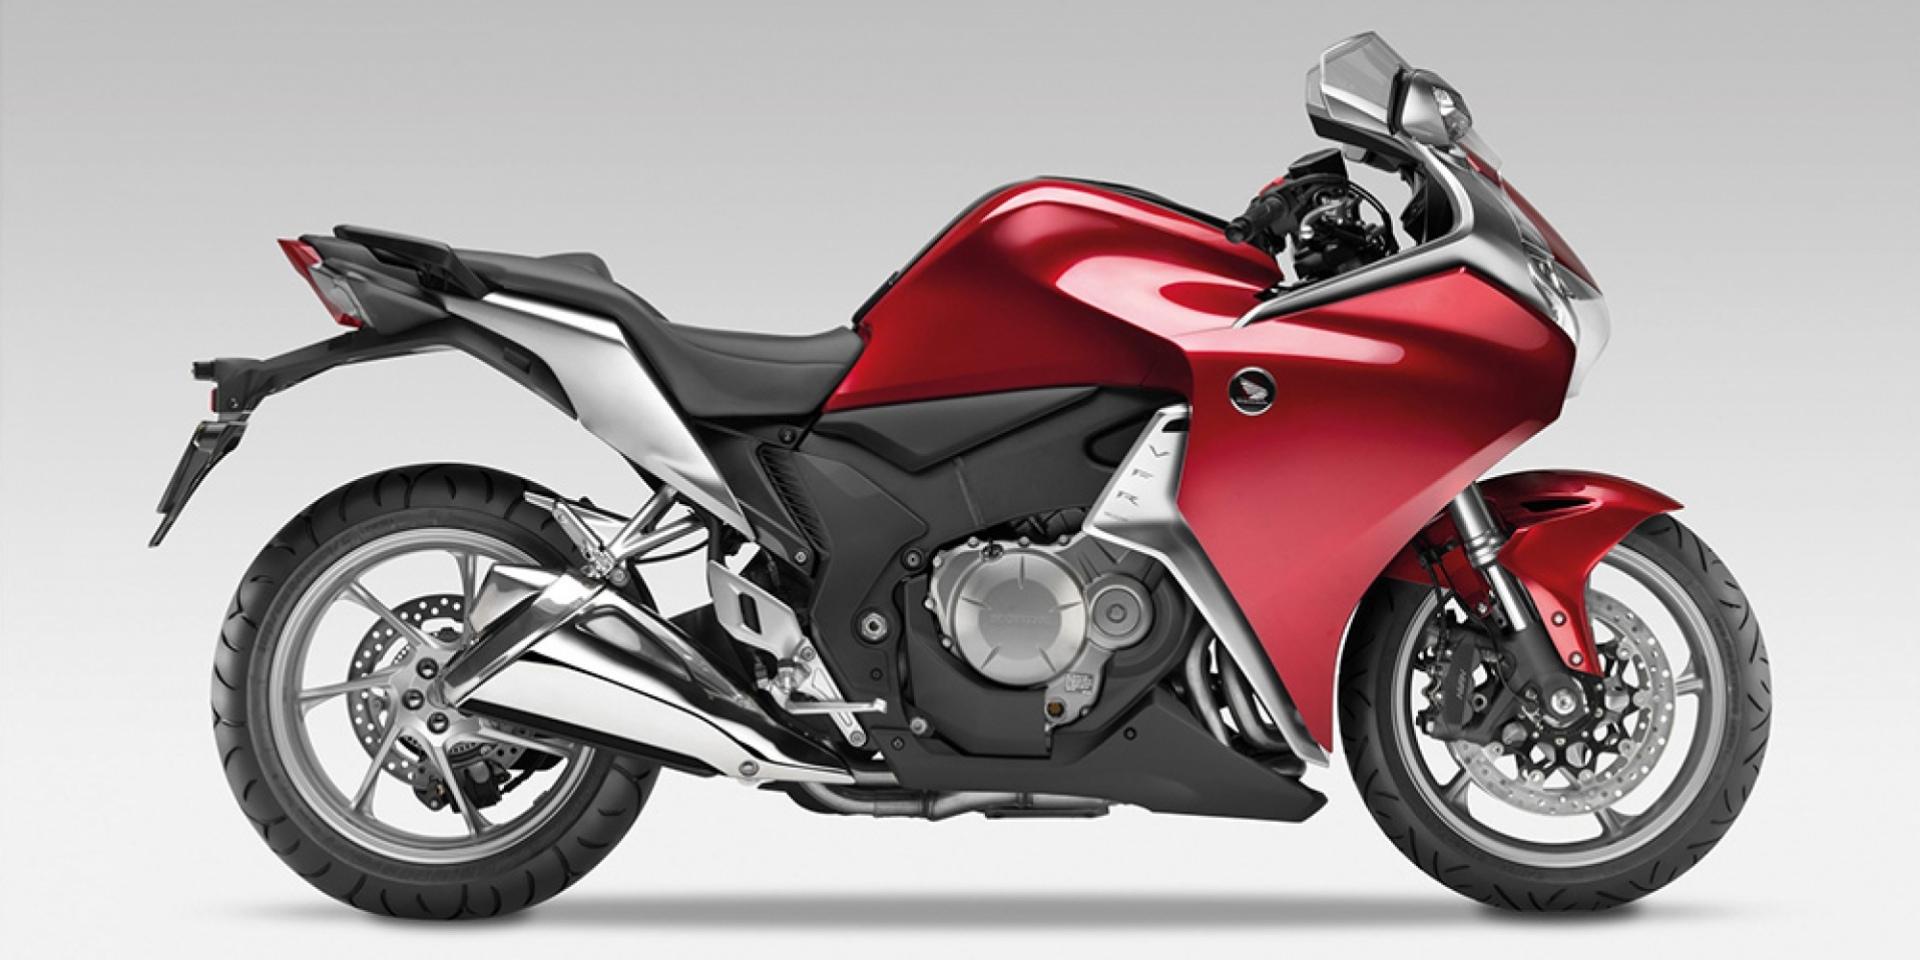 官方新聞稿。Honda Motorcycle VFR1200車系召回服務